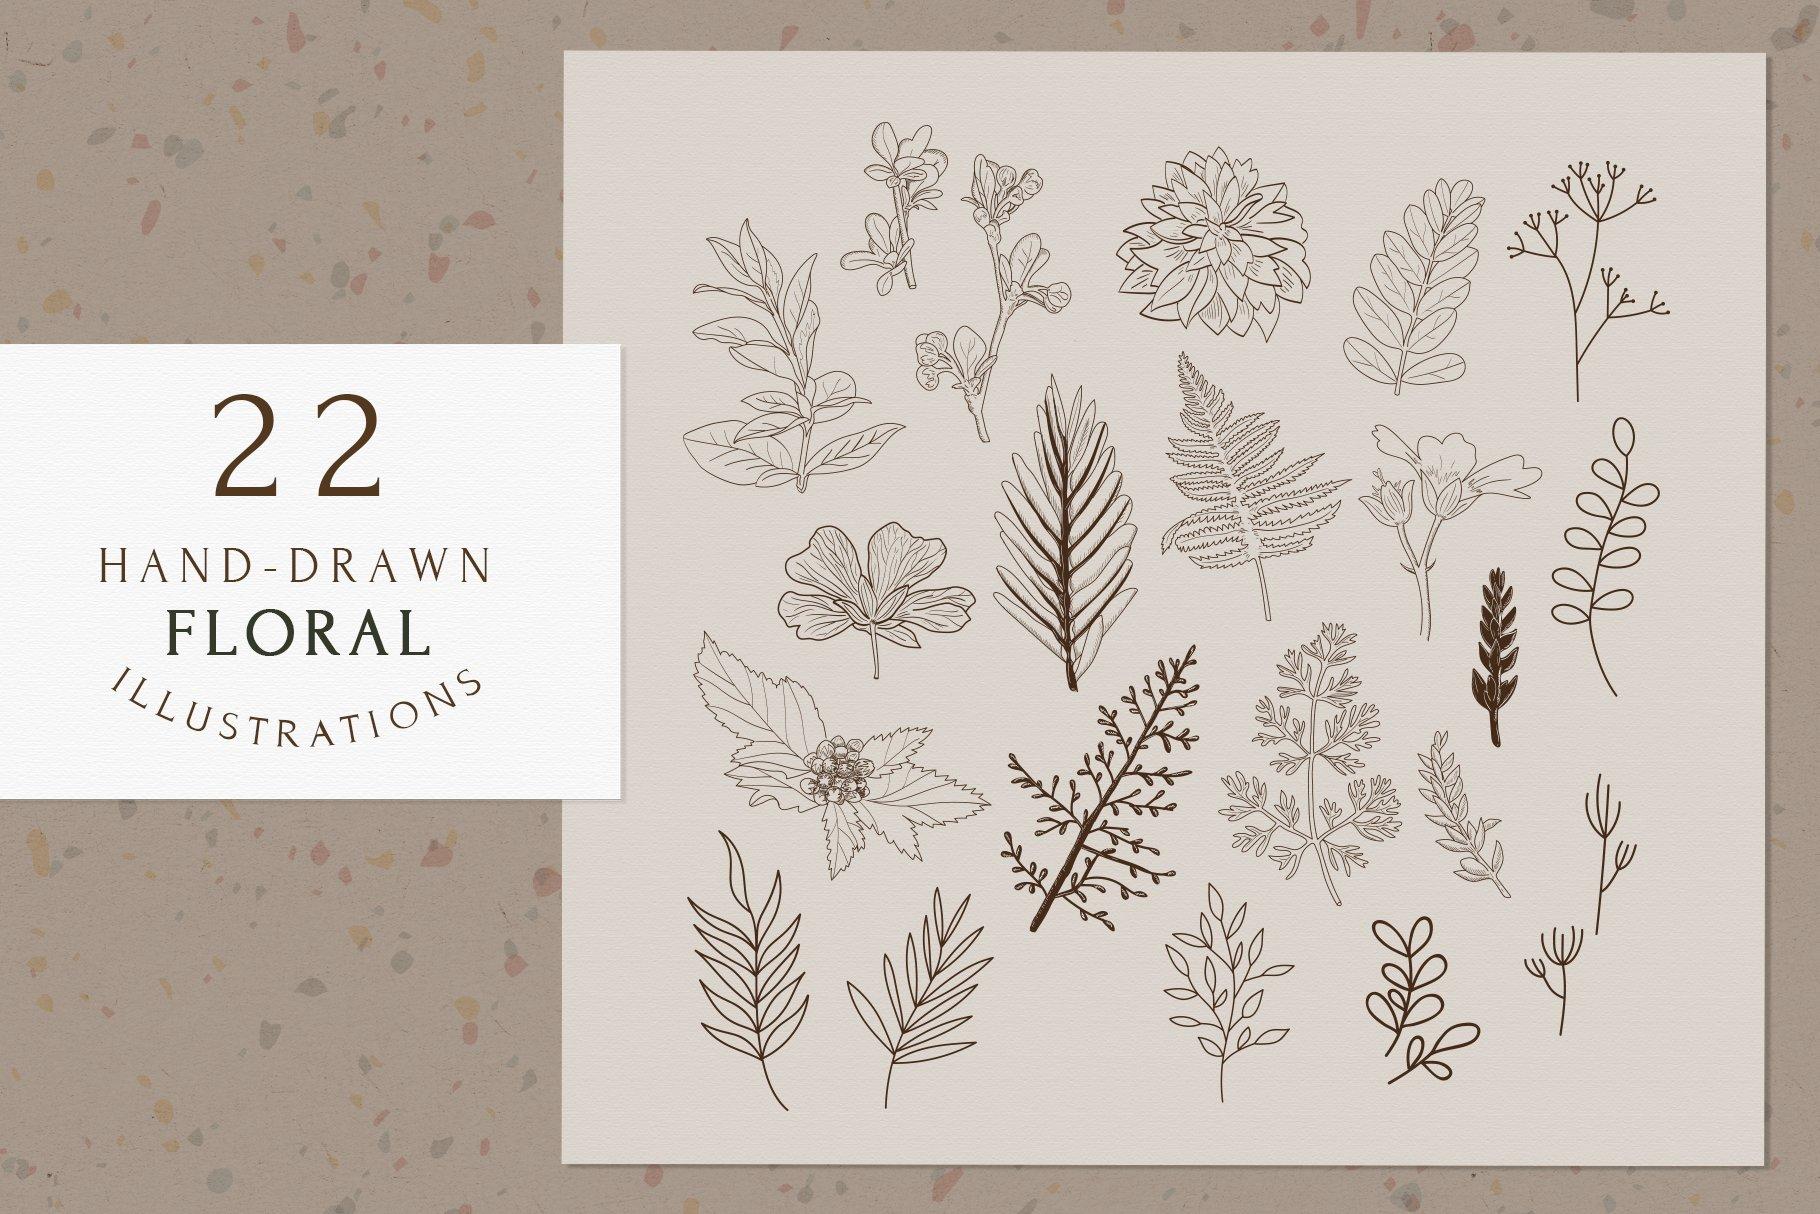 精美植物徽标标志设计AI矢量模板素材 BotanicalLogos & Illustrations插图(6)